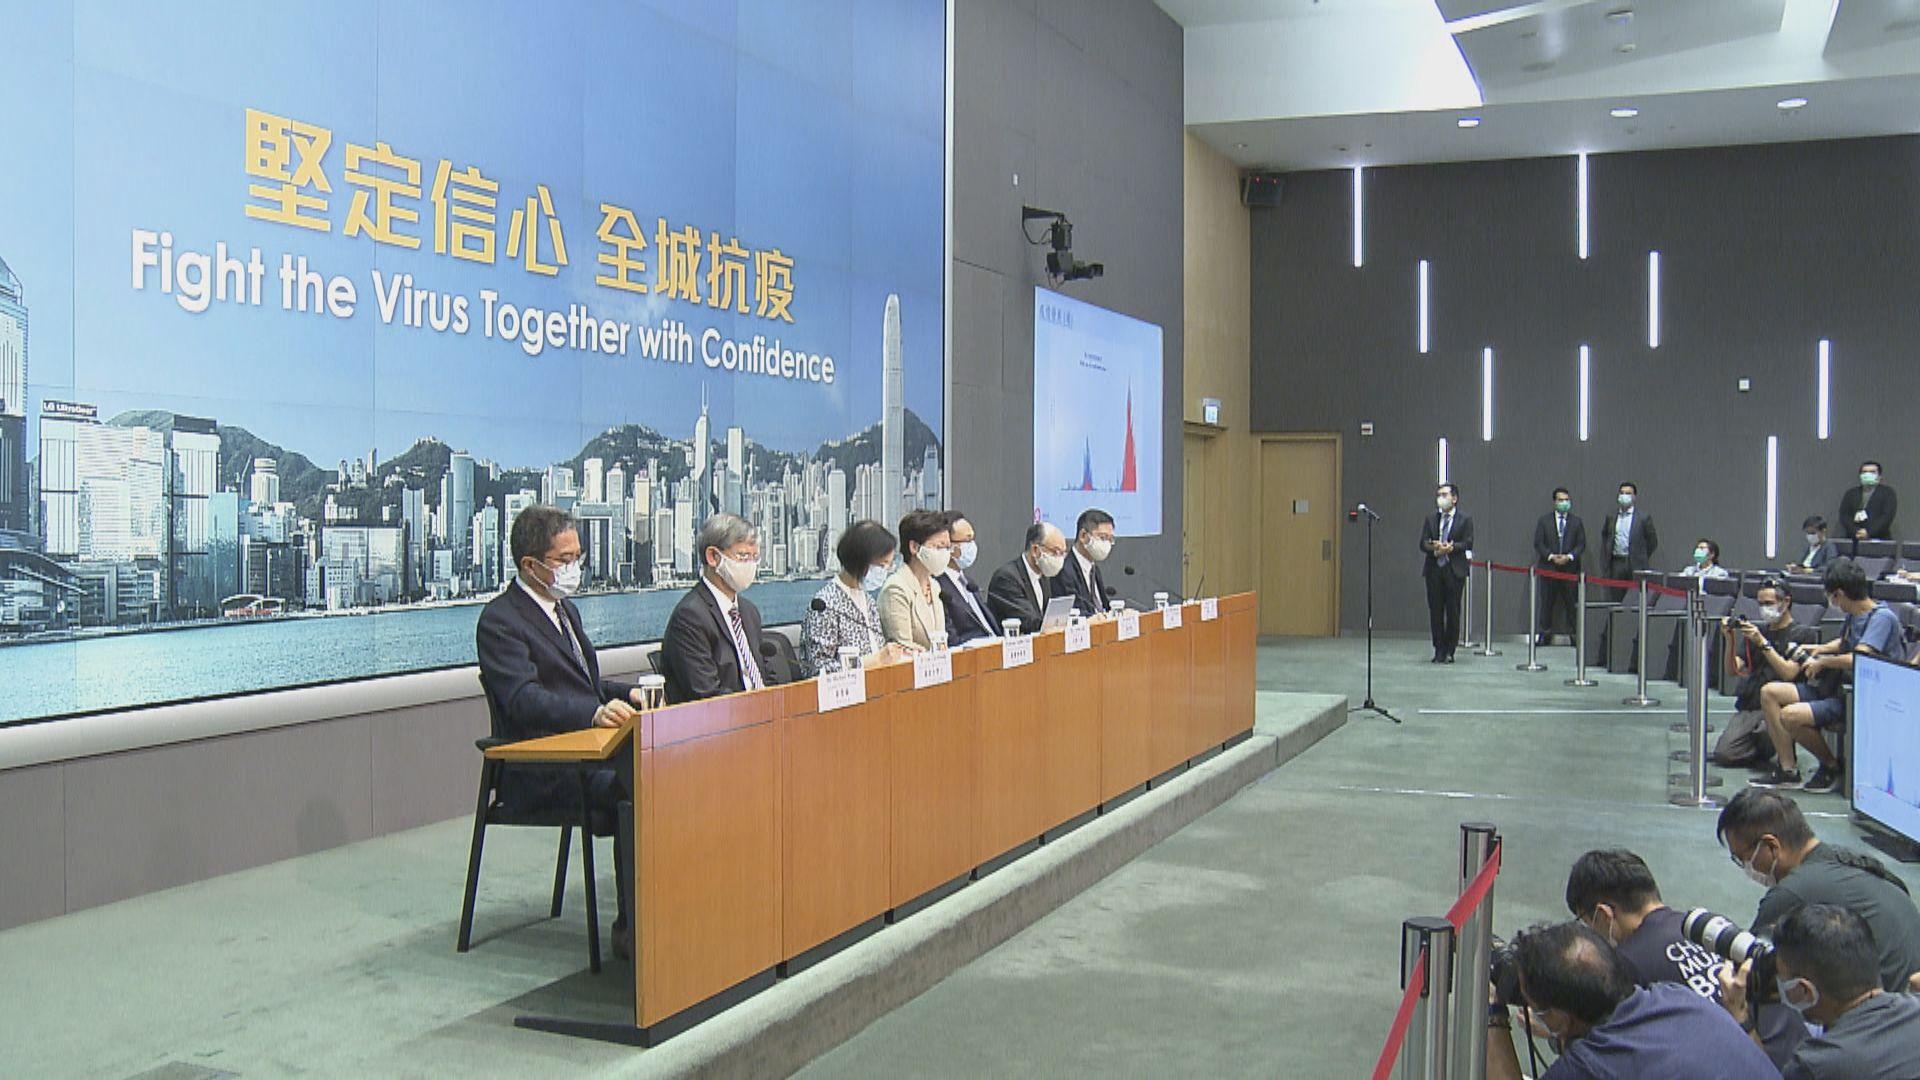 林鄭:正跟關閉處所的業界商討如何逐步有序地重開業務